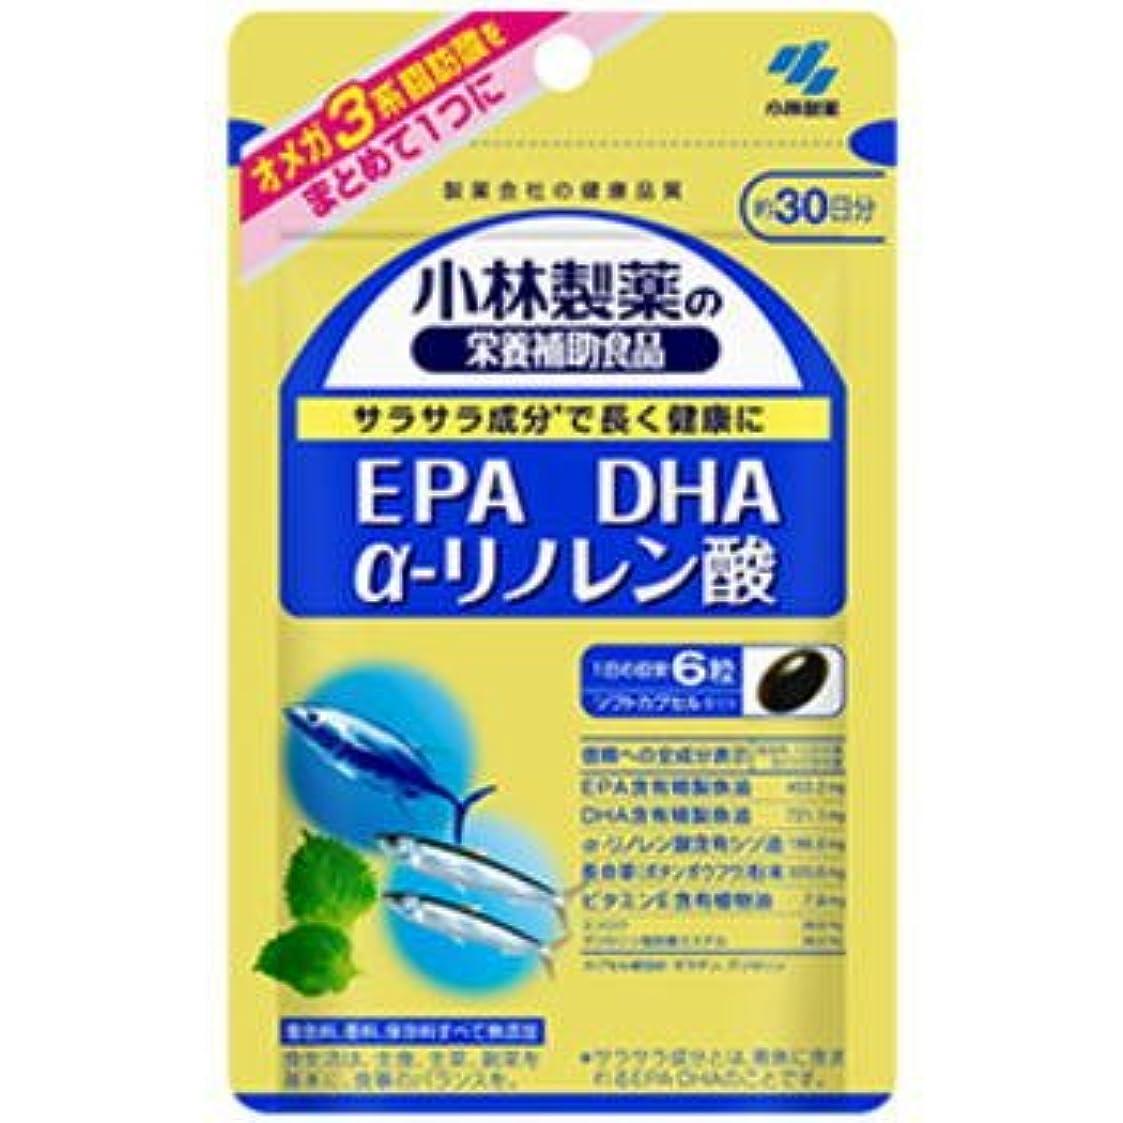 メディカル工業化するセント小林製薬 EPA DHA α-リノレン酸 180粒×6個セット【ネコポス発送】